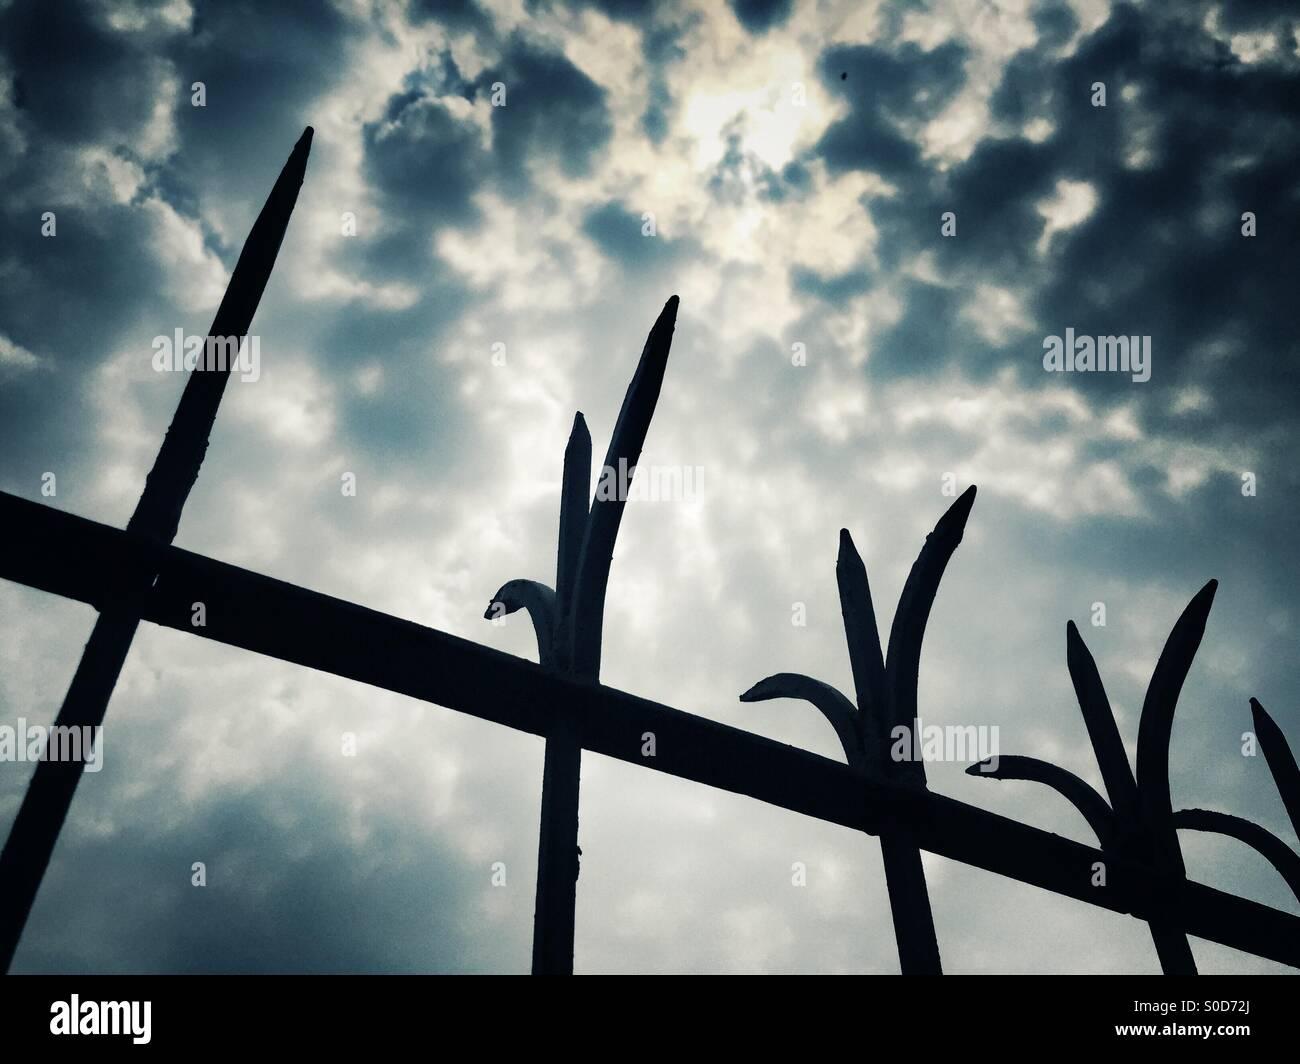 Valla de púas contra el cielo espectacular Imagen De Stock